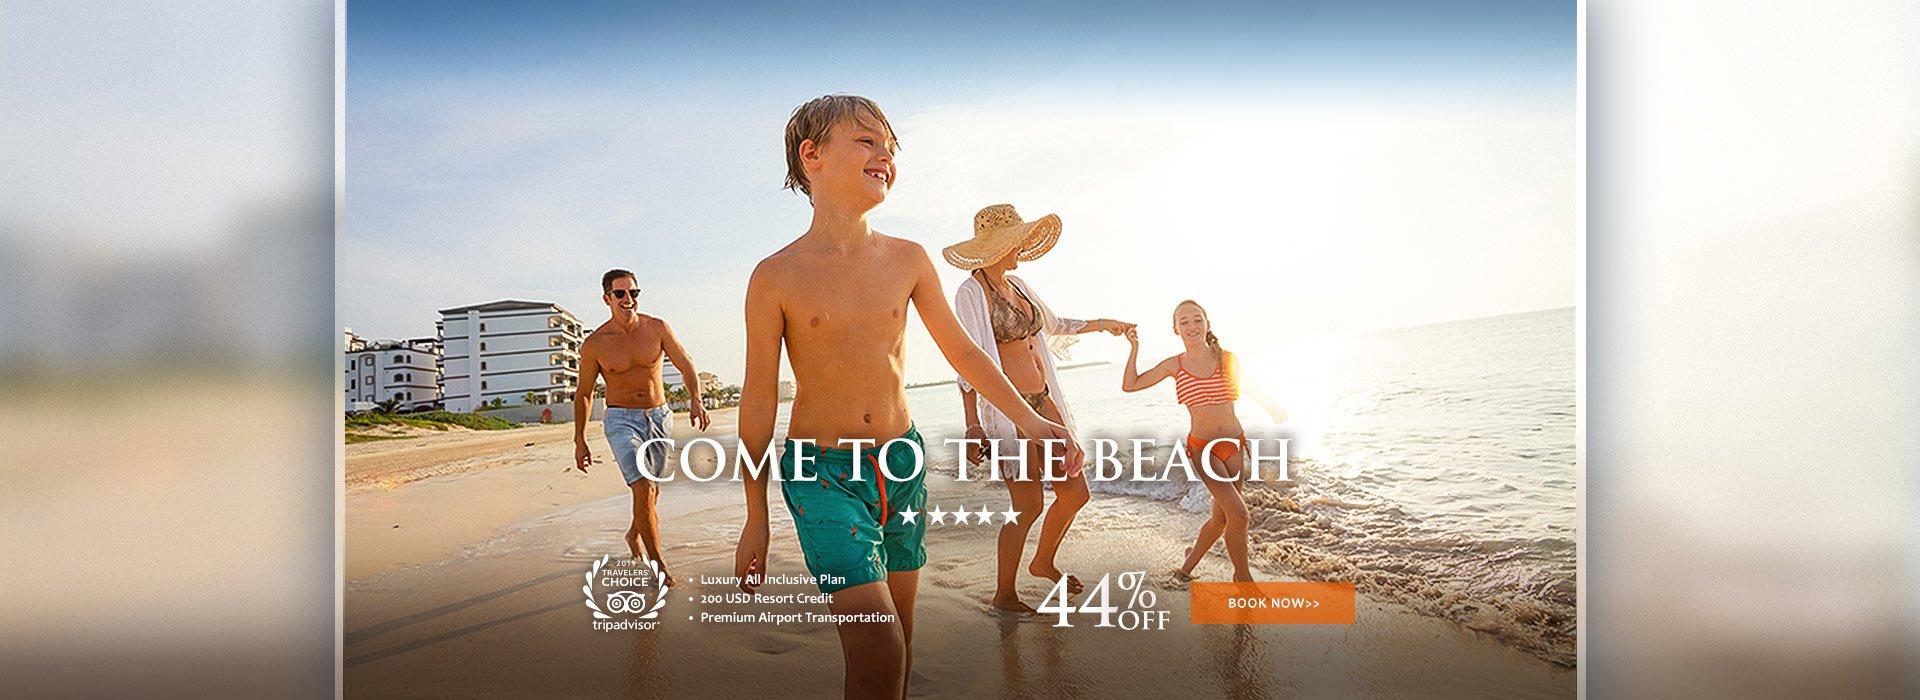 Come to the beach Riviera Maya Resort